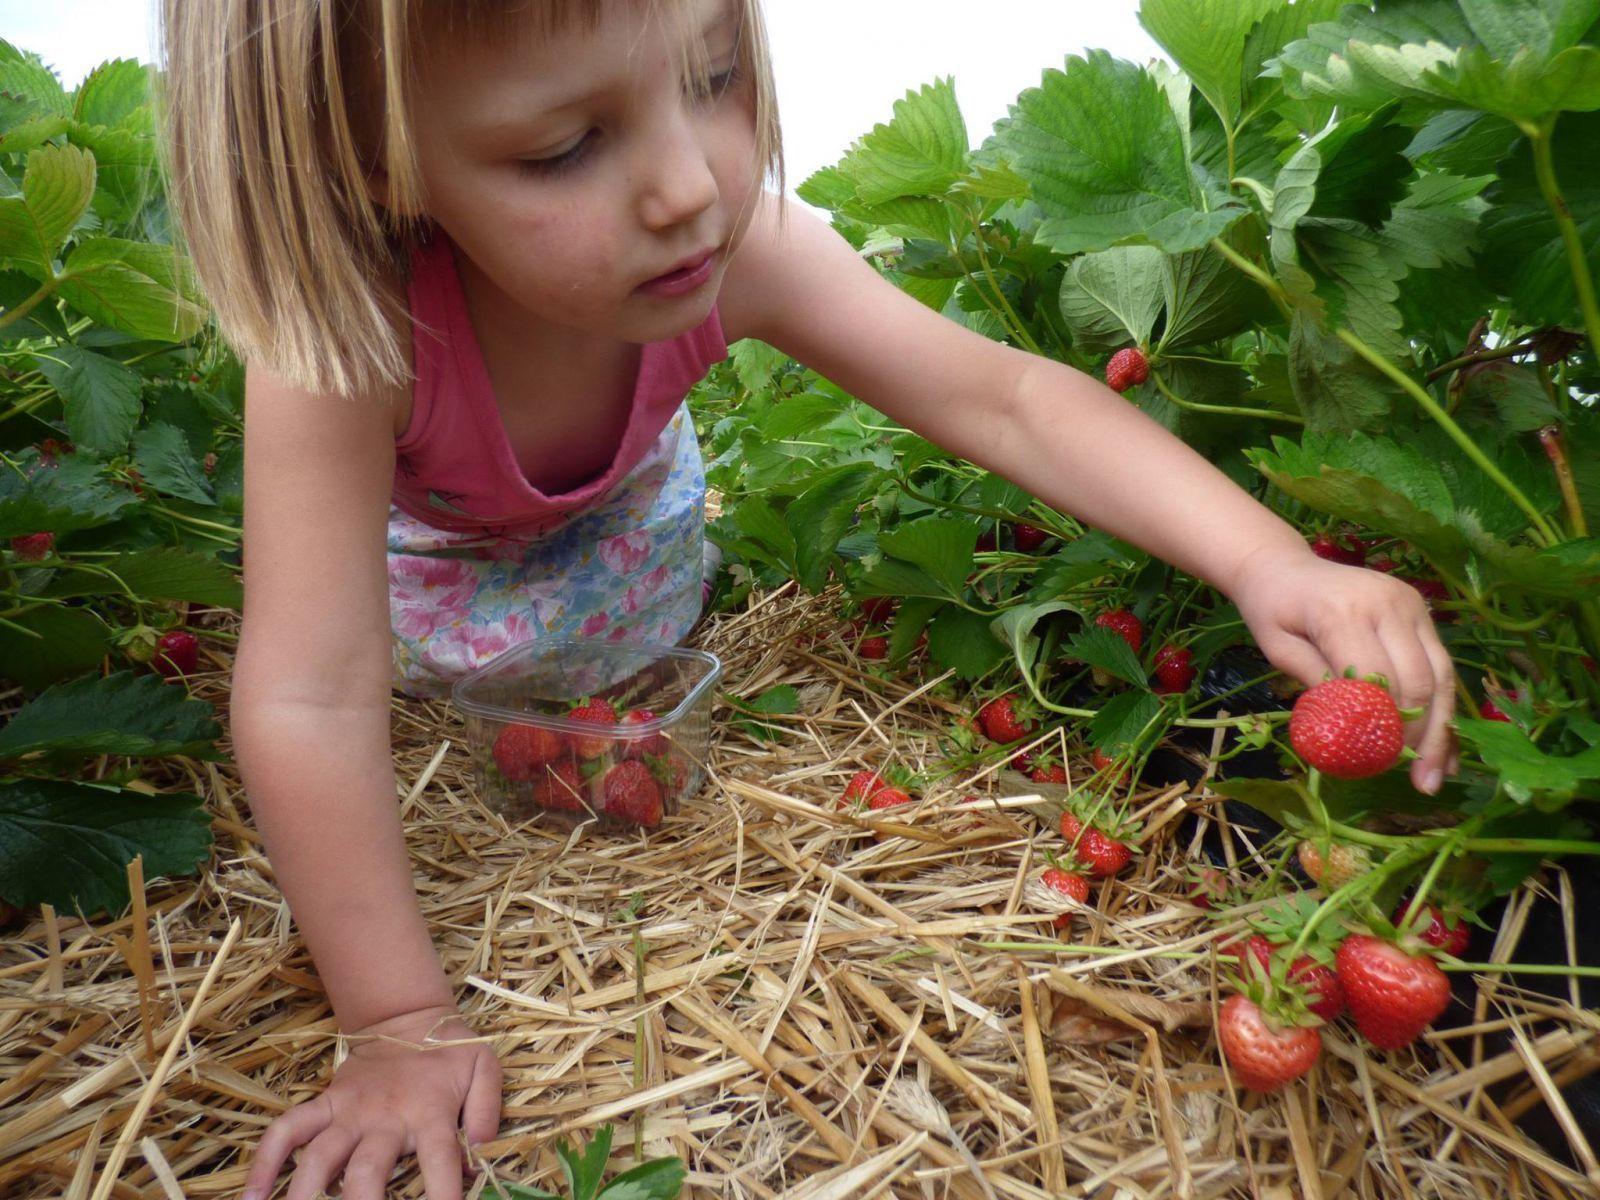 Bioboerderij 't Ambrozijn bio mijn natuur zelfpluk